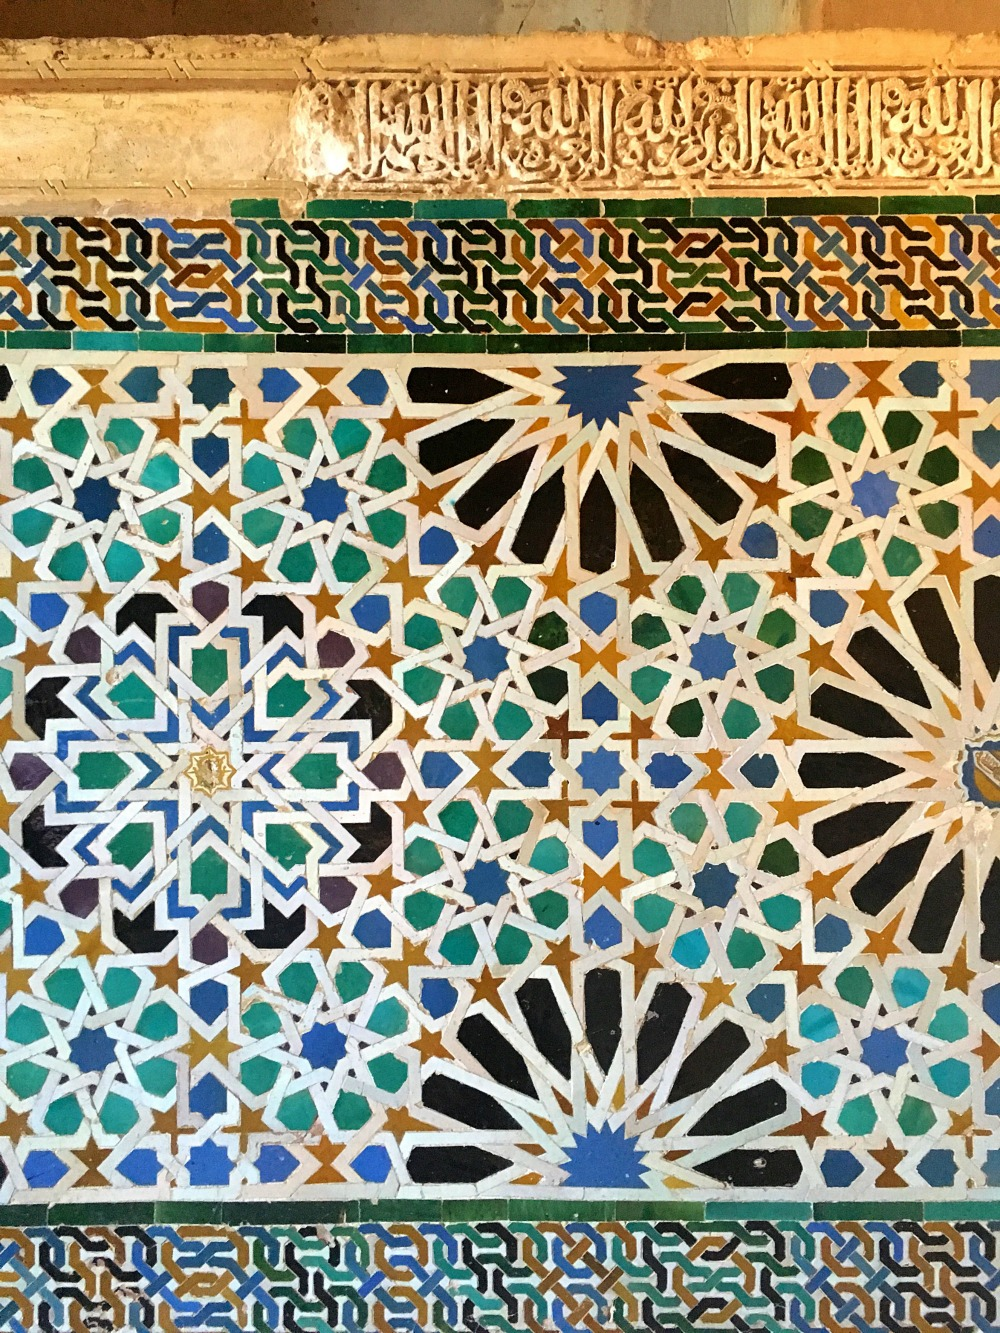 Zillij Tiles Alhambra Image